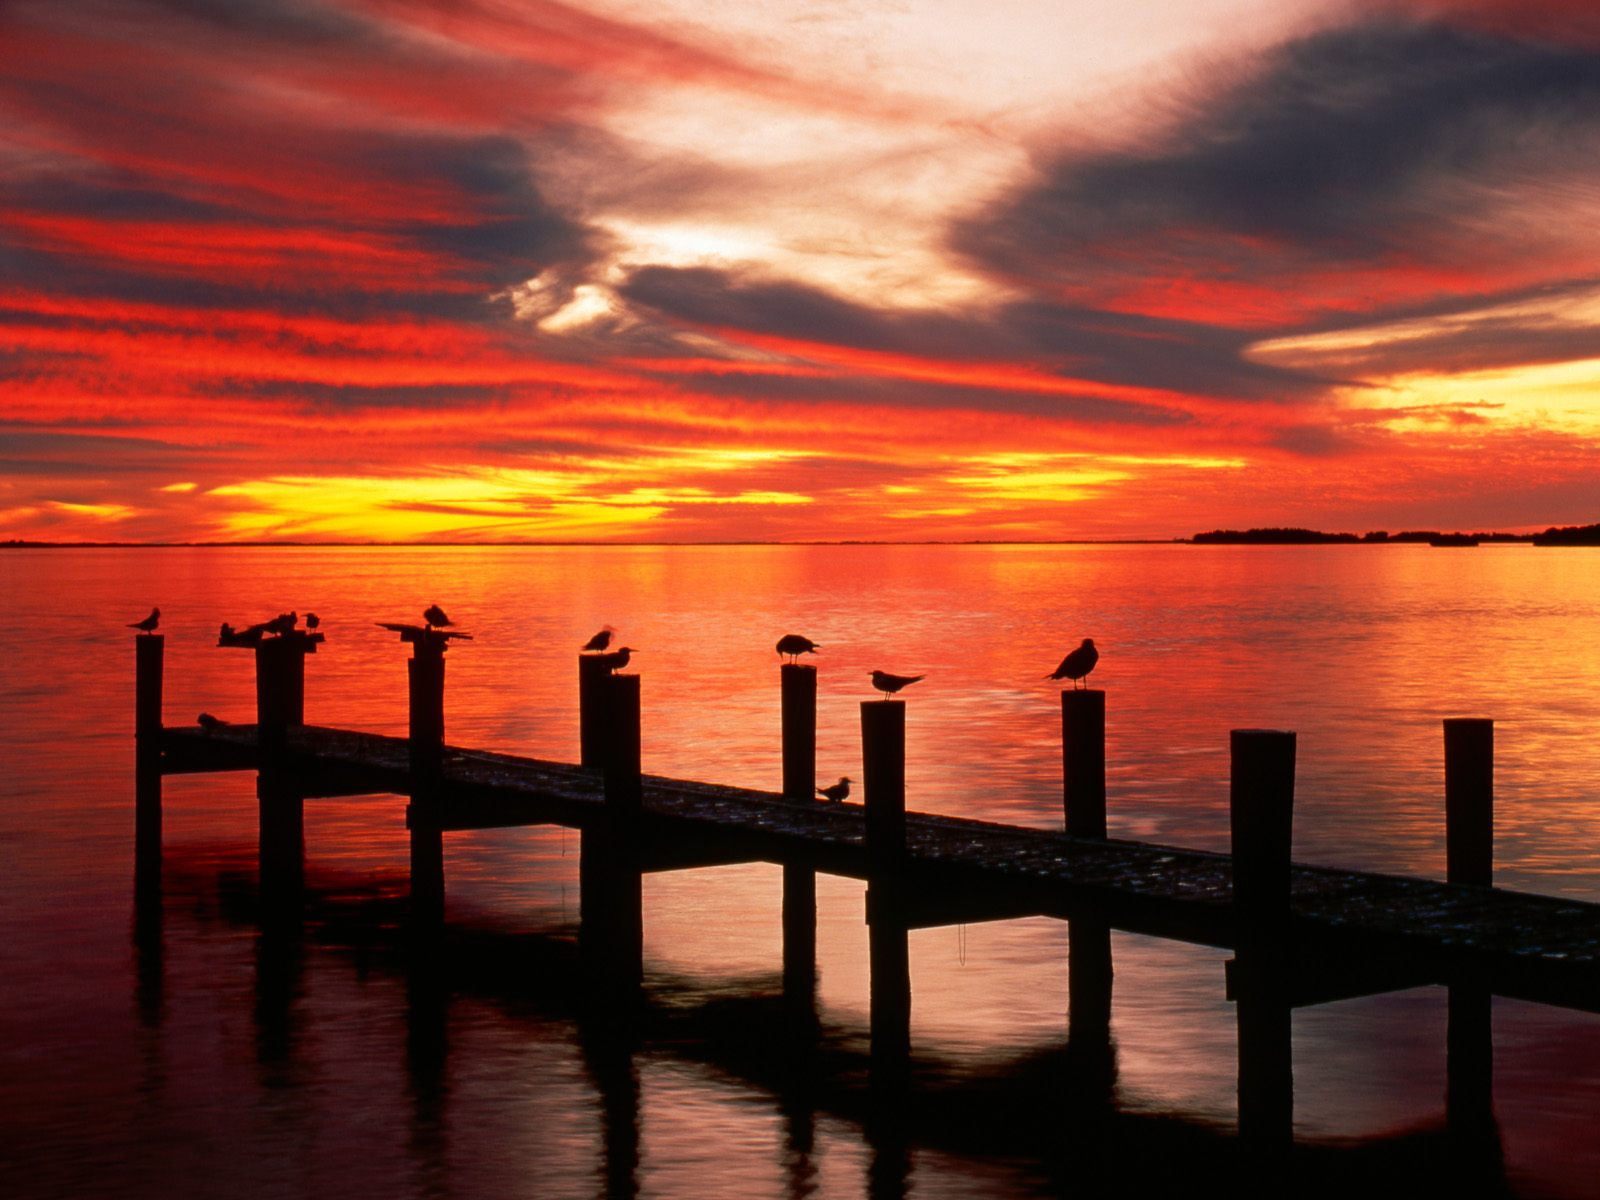 seagulls at sunset florida wallpapers - Seagulls at Sunset Florida Wallpapers HD Wallpapers